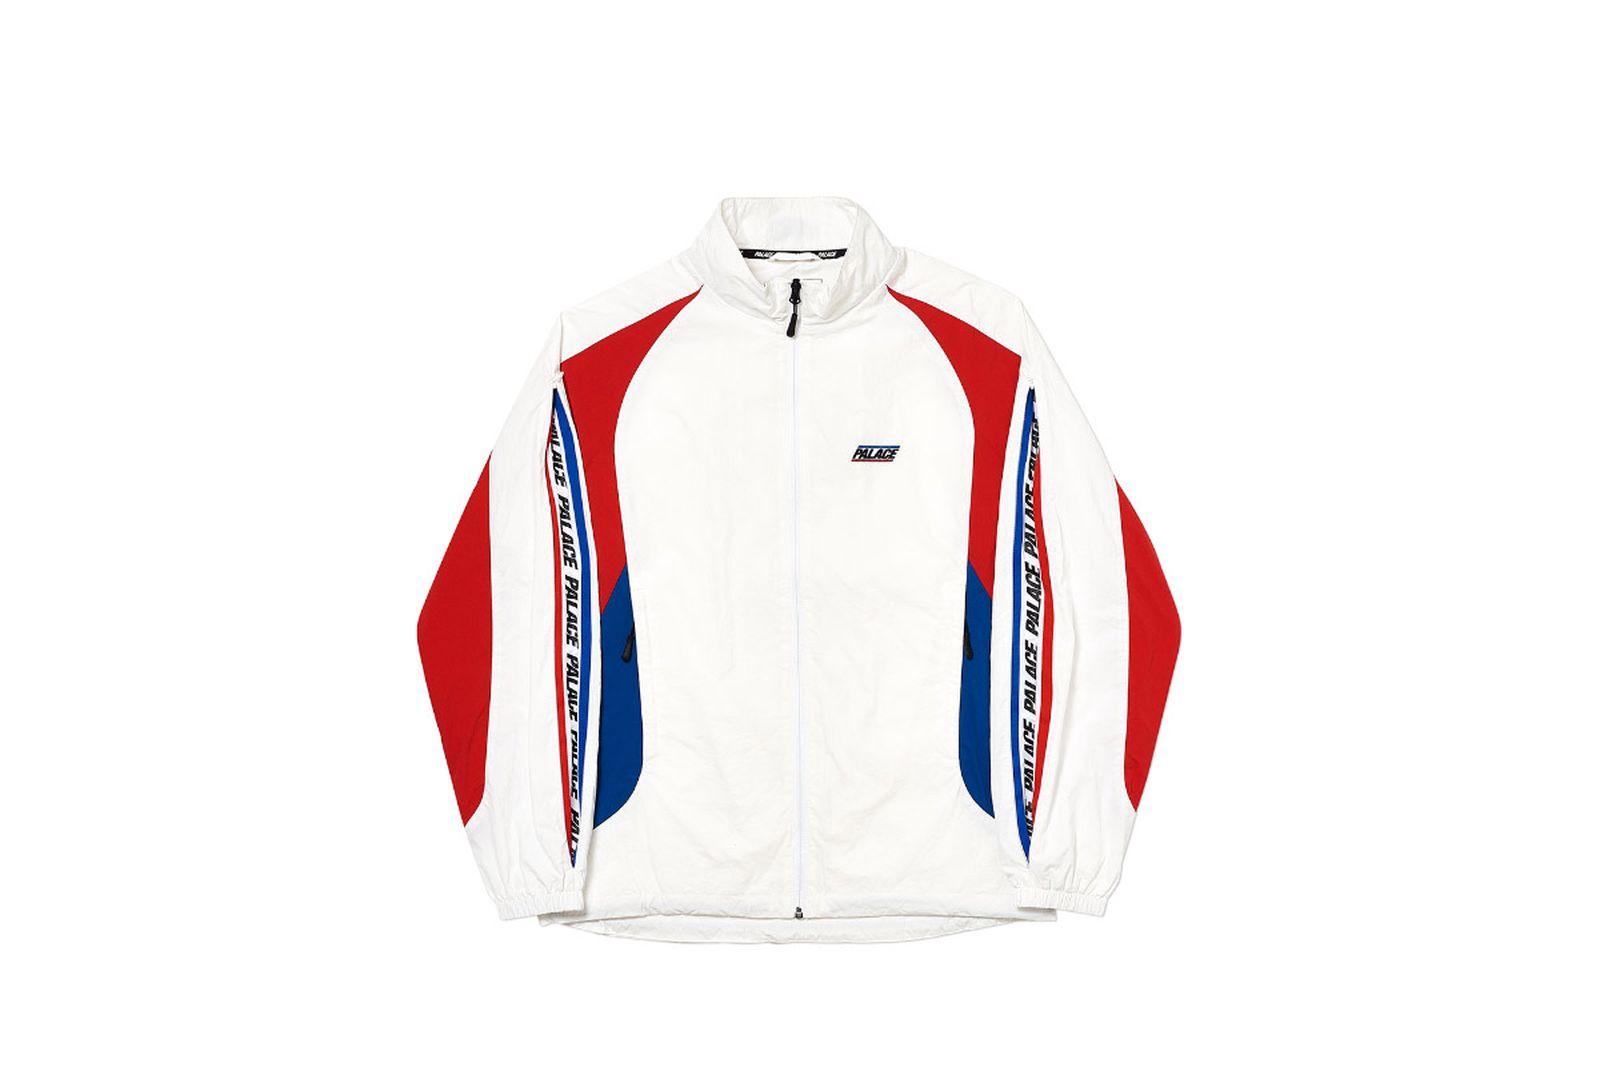 Palace 2019 Autumn Jacket revealer shell white front sleeve option